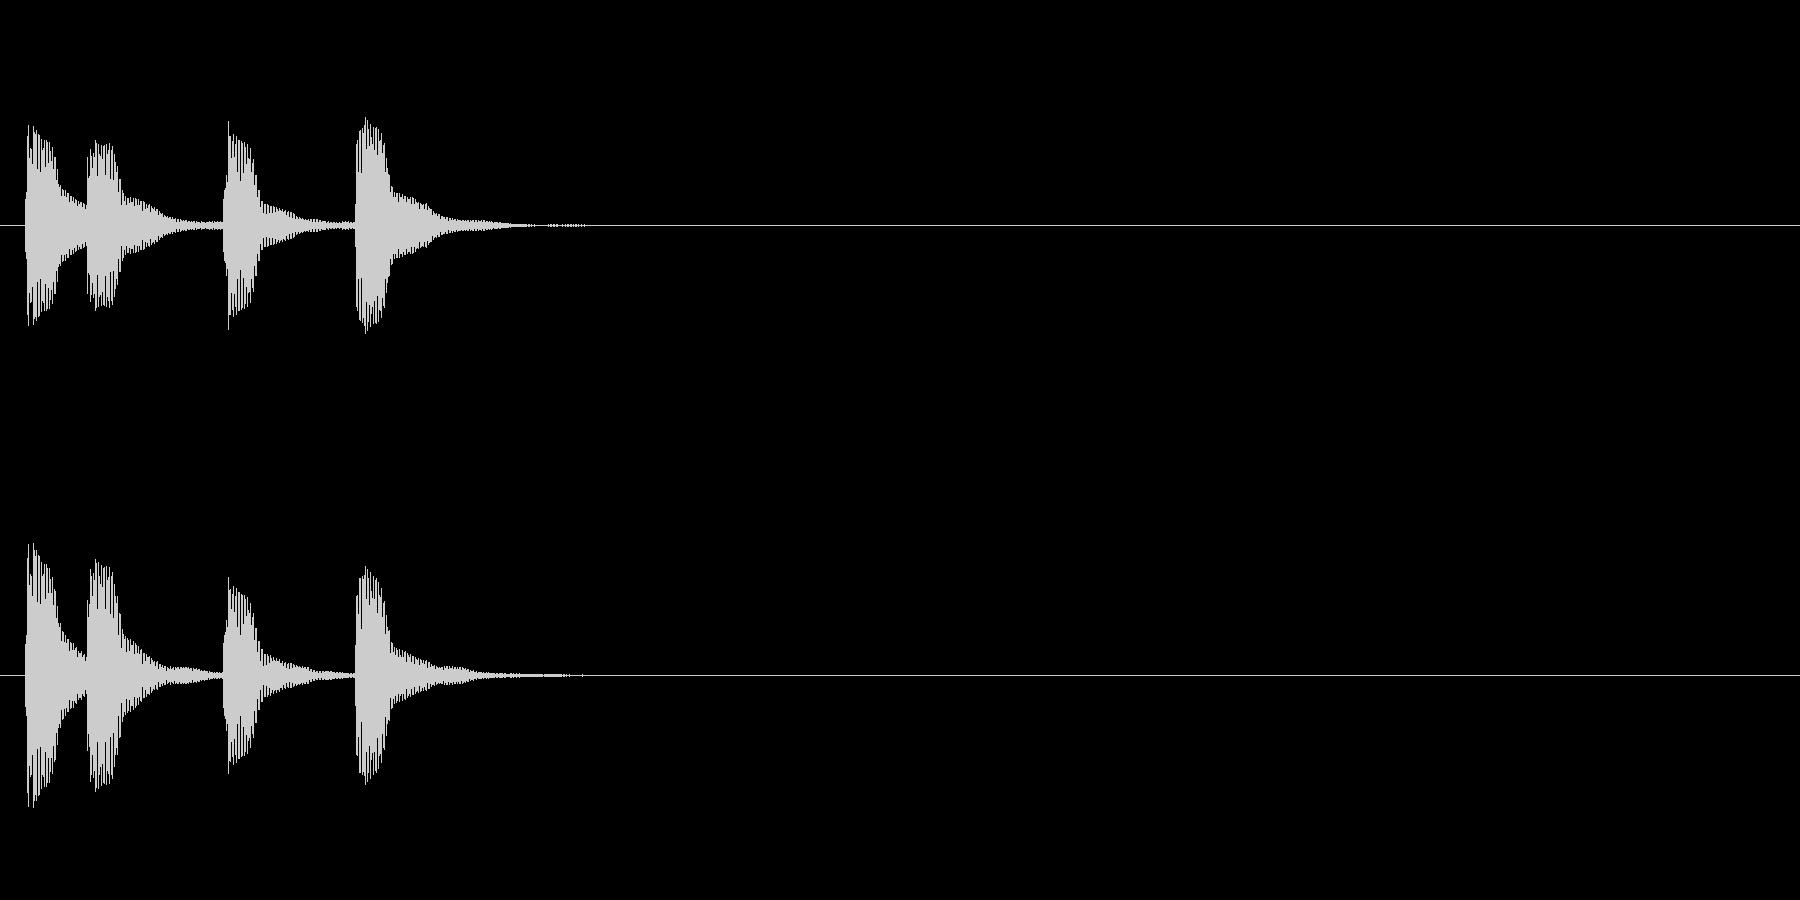 高めの木琴ジングルの未再生の波形